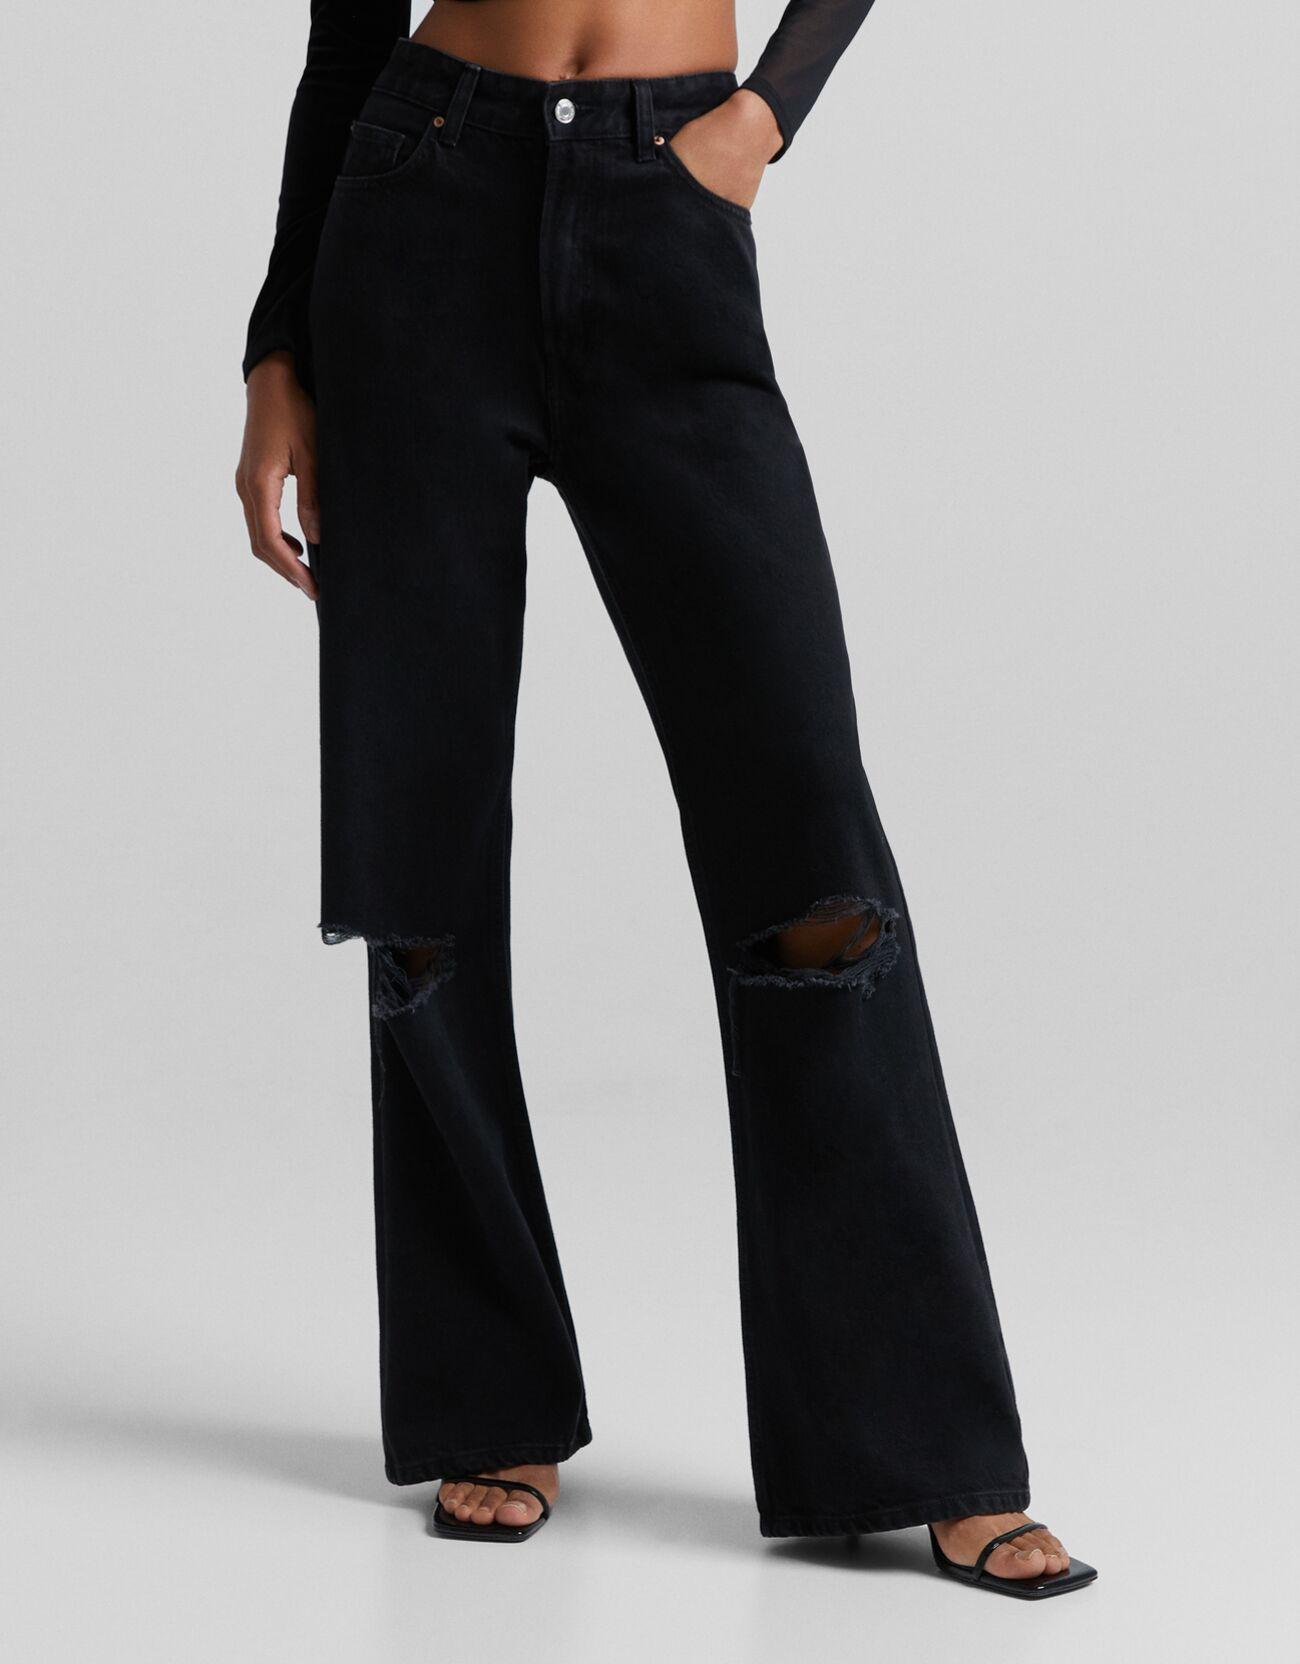 Черный Джинсы в стиле 90-х с широкими штанинами и разрезами Bershka